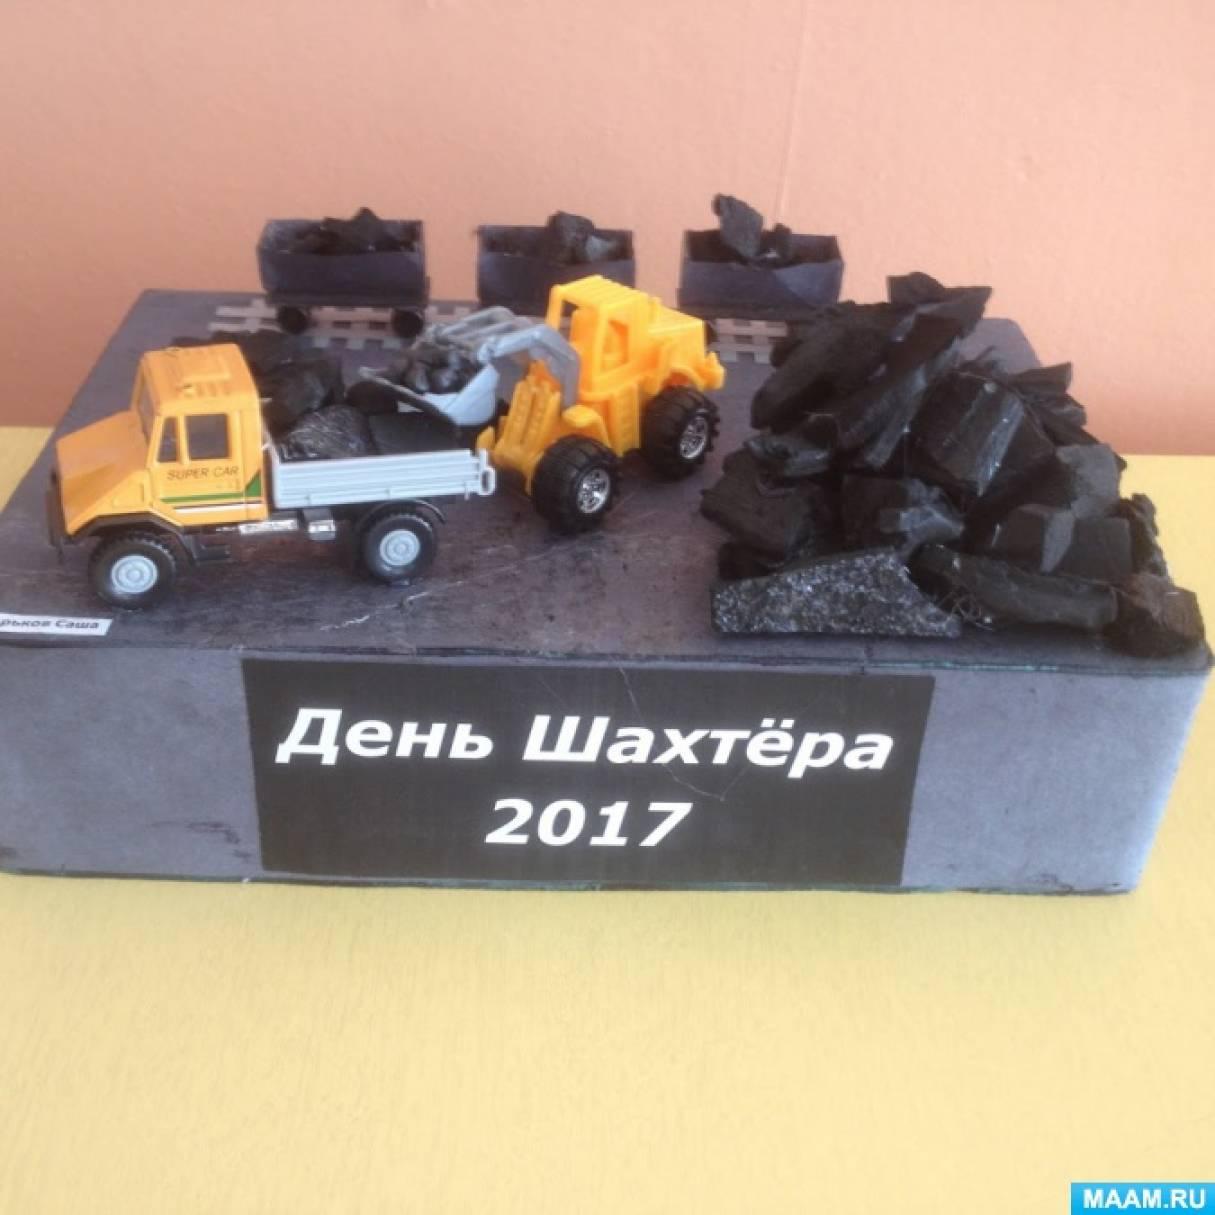 Выставка работ к празднику «День шахтера»